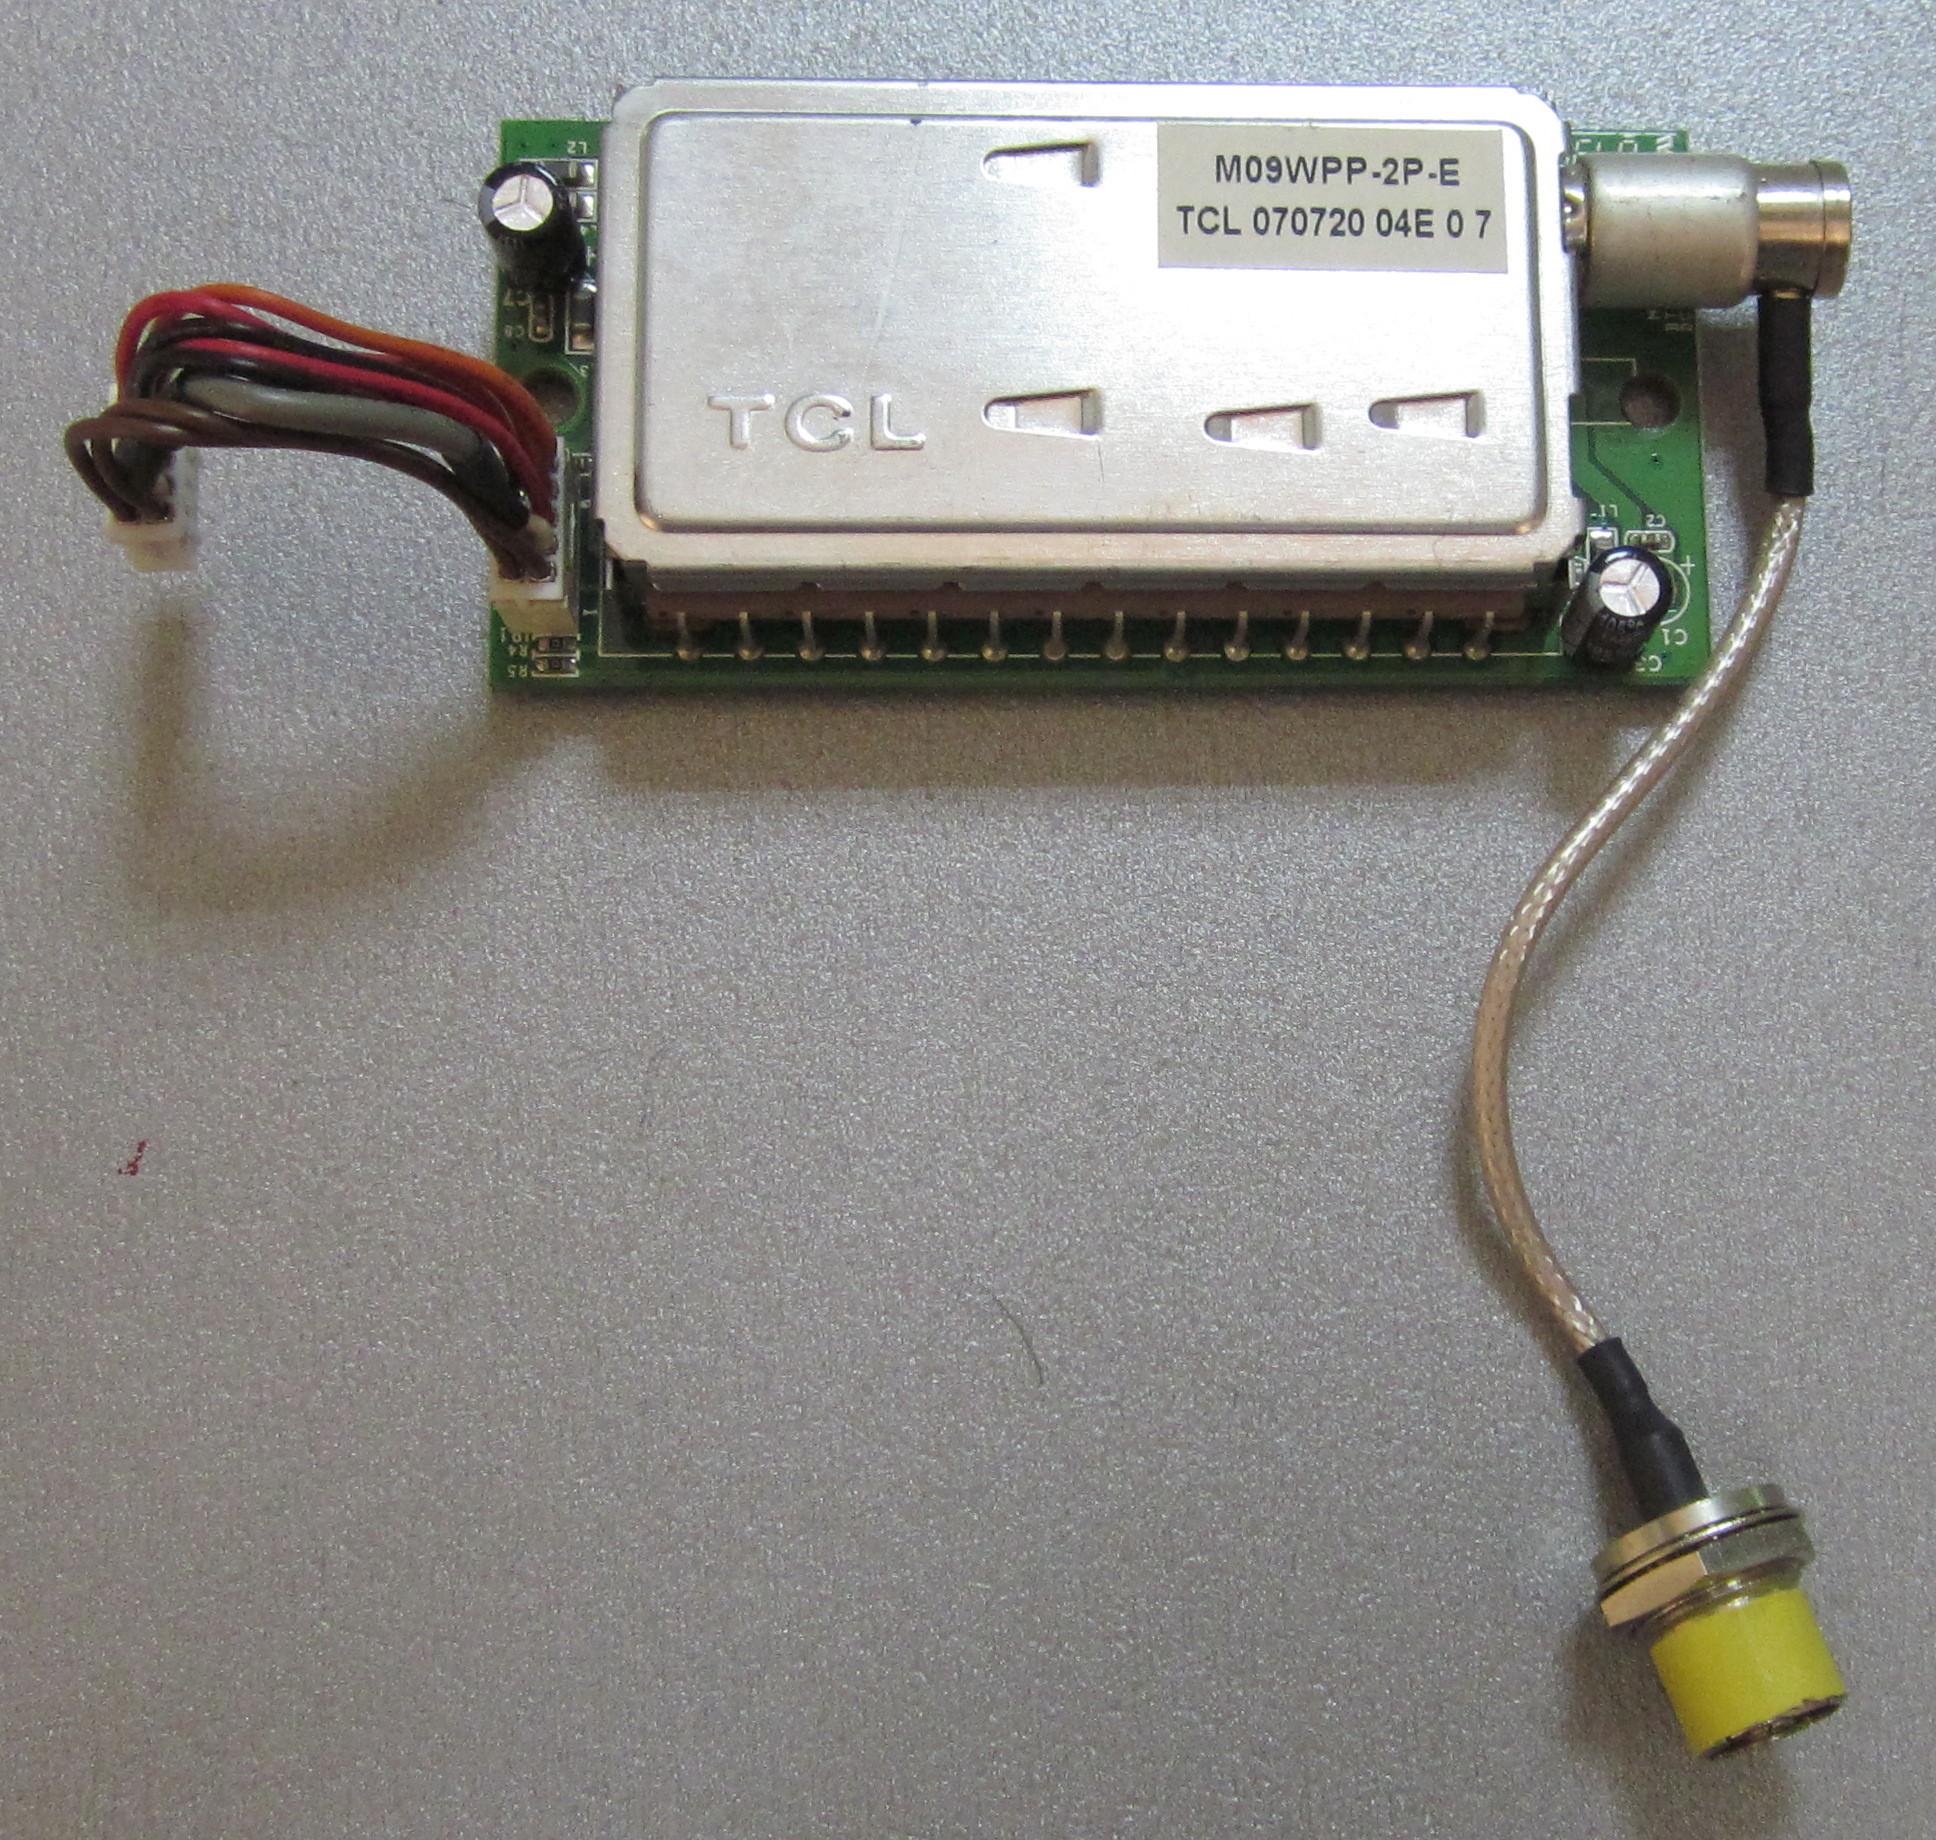 M09WPP-2P-E